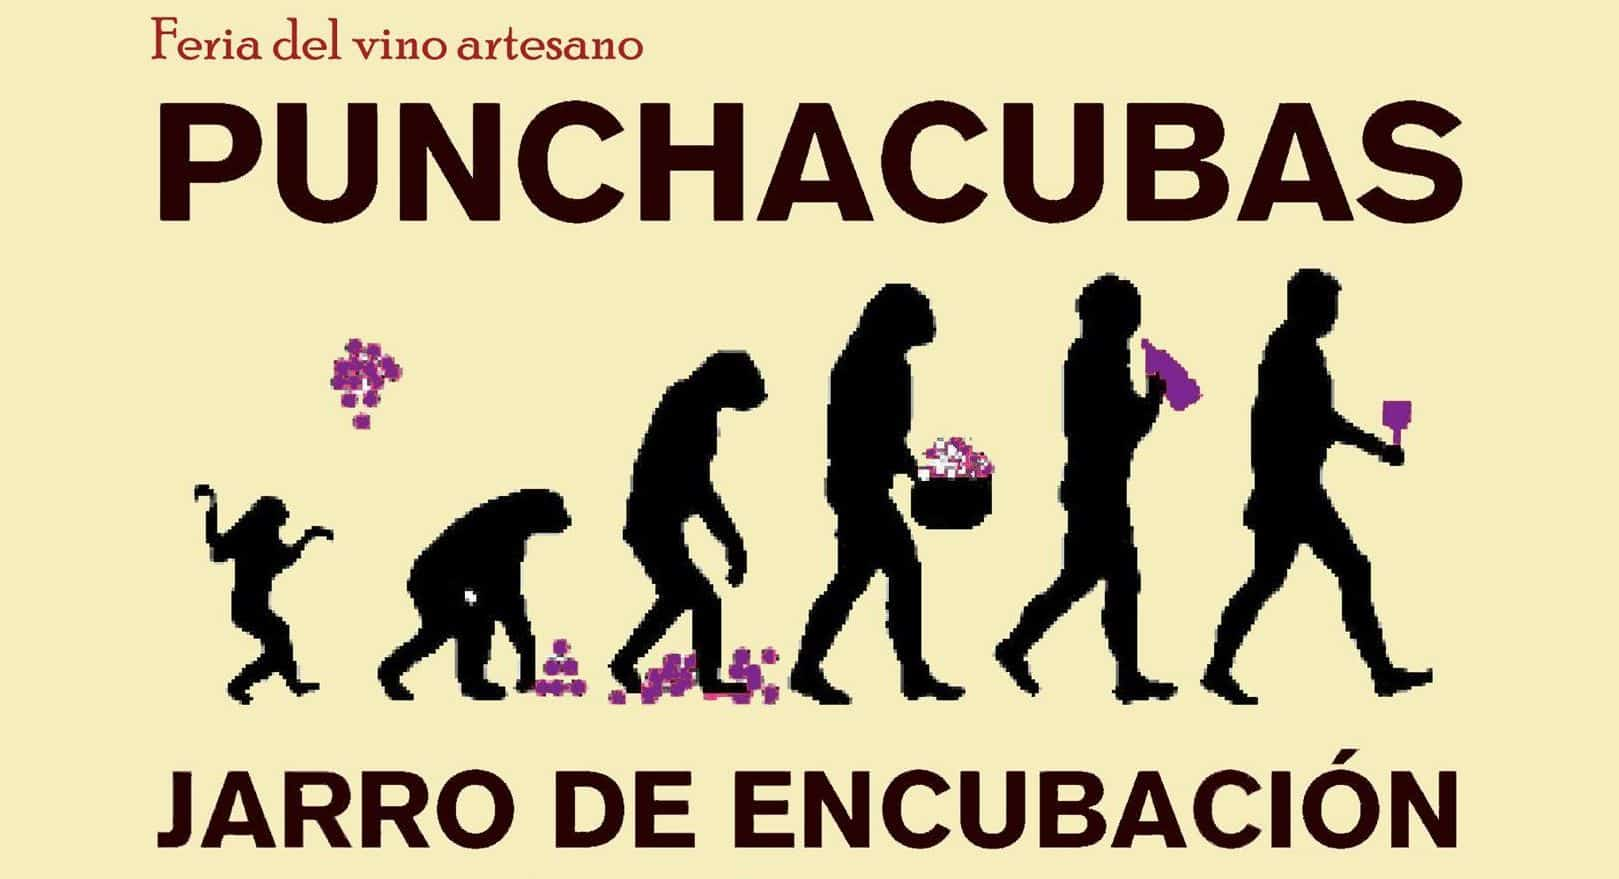 punchacubas_2011-2.jpg